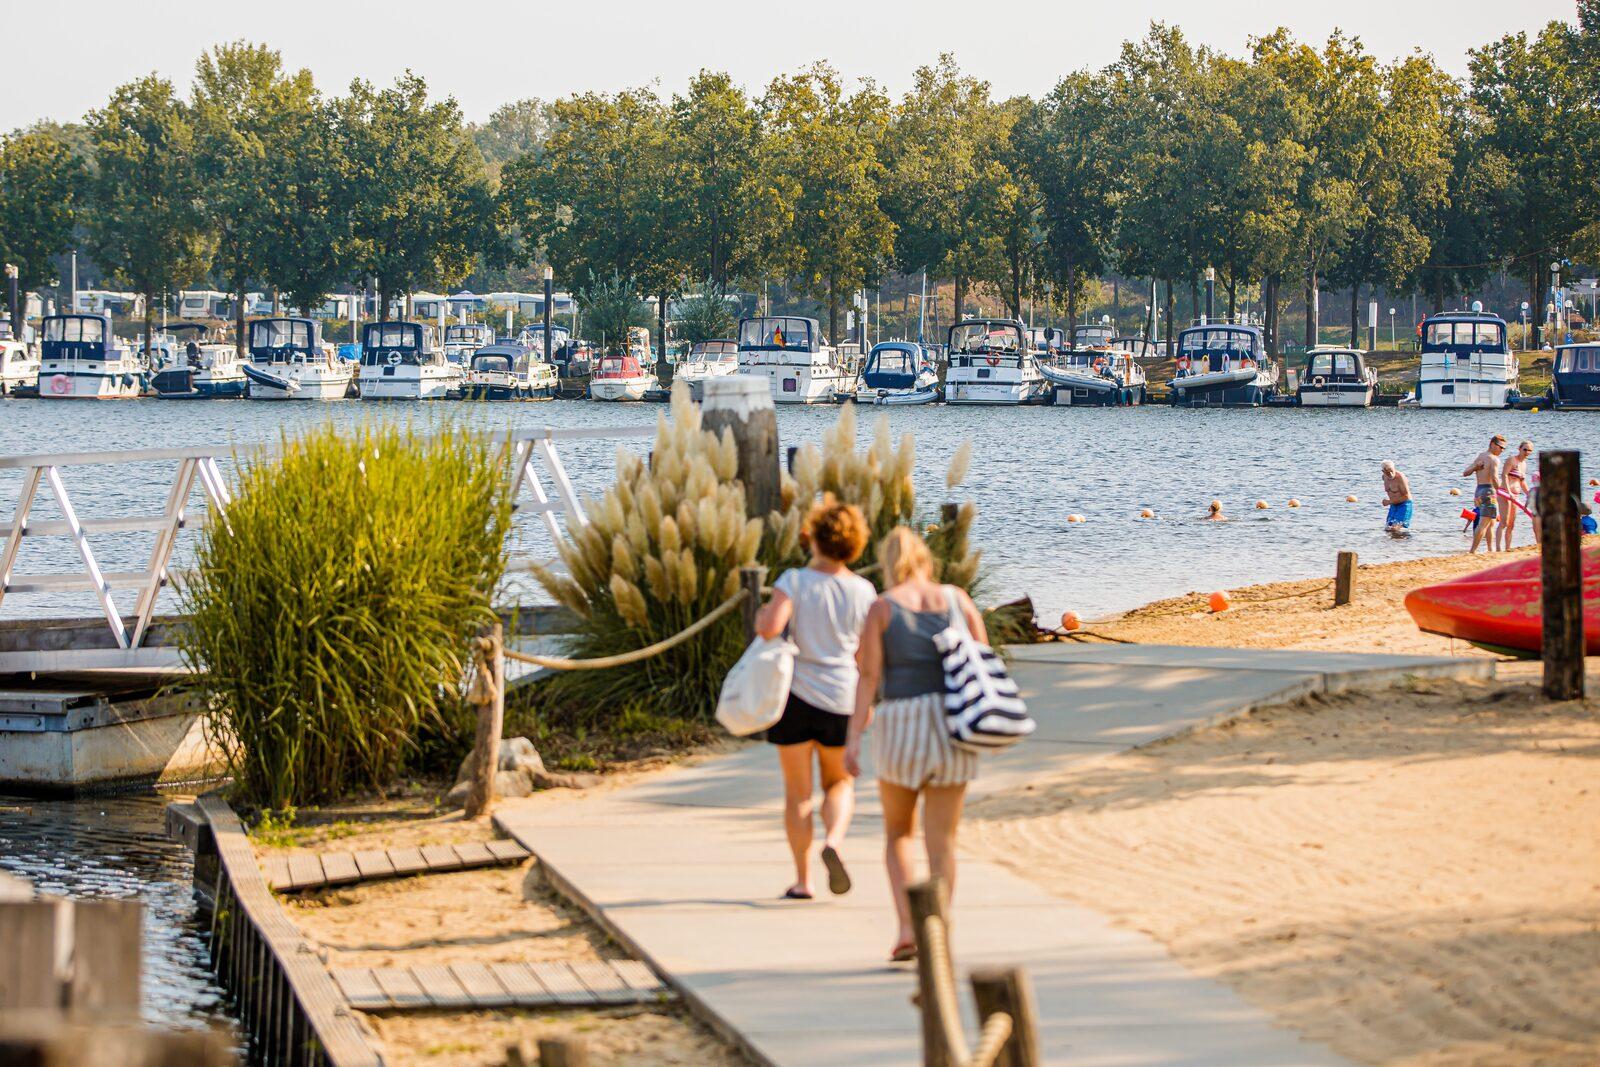 Limburg beaches